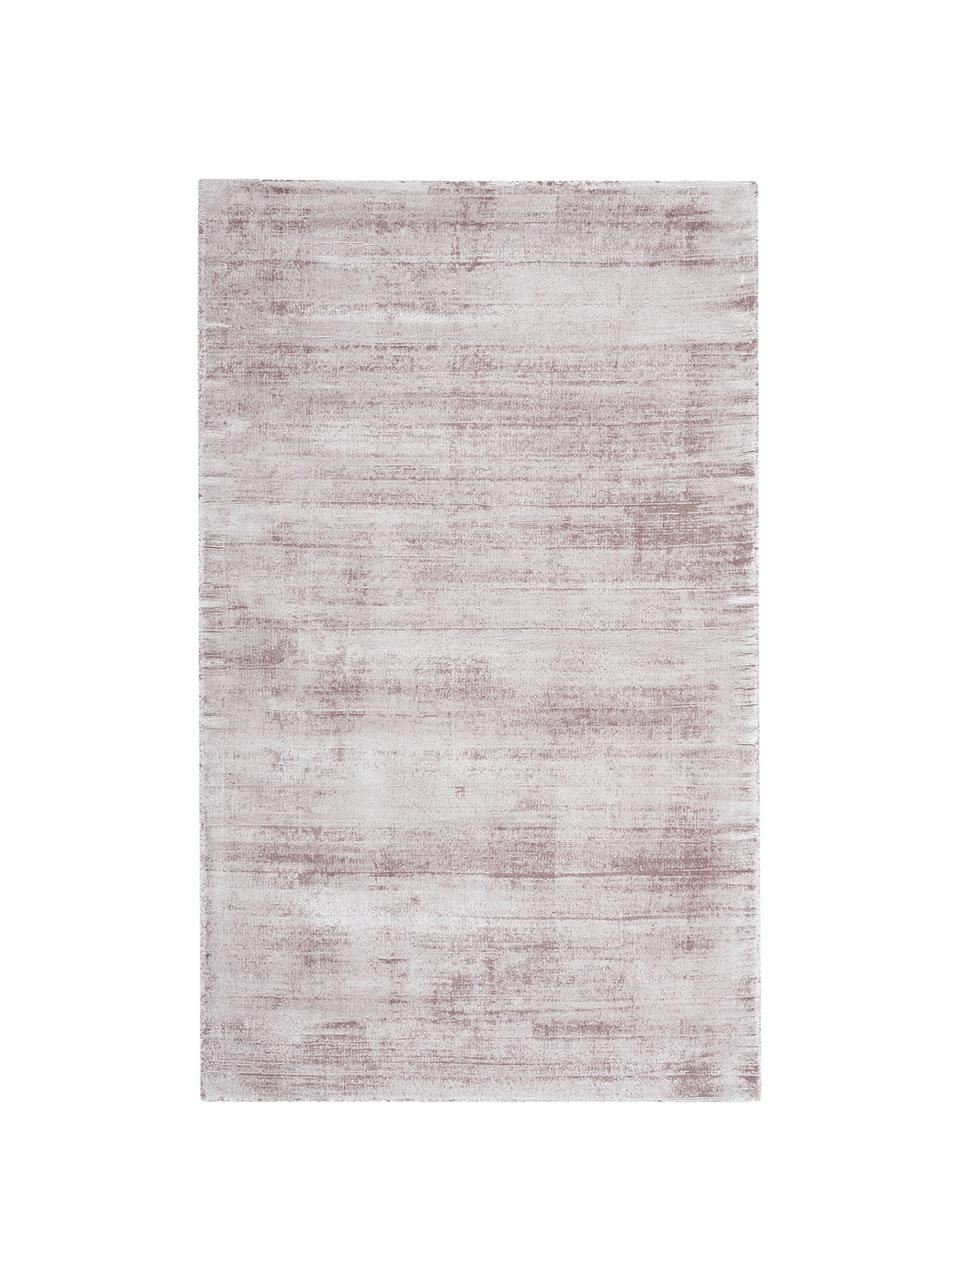 Tappeto in viscosa color lilla tessuto a mano Jane, Retro: 100% cotone, Lilla, Larg.160 x Lung. 230 cm  (taglia M)